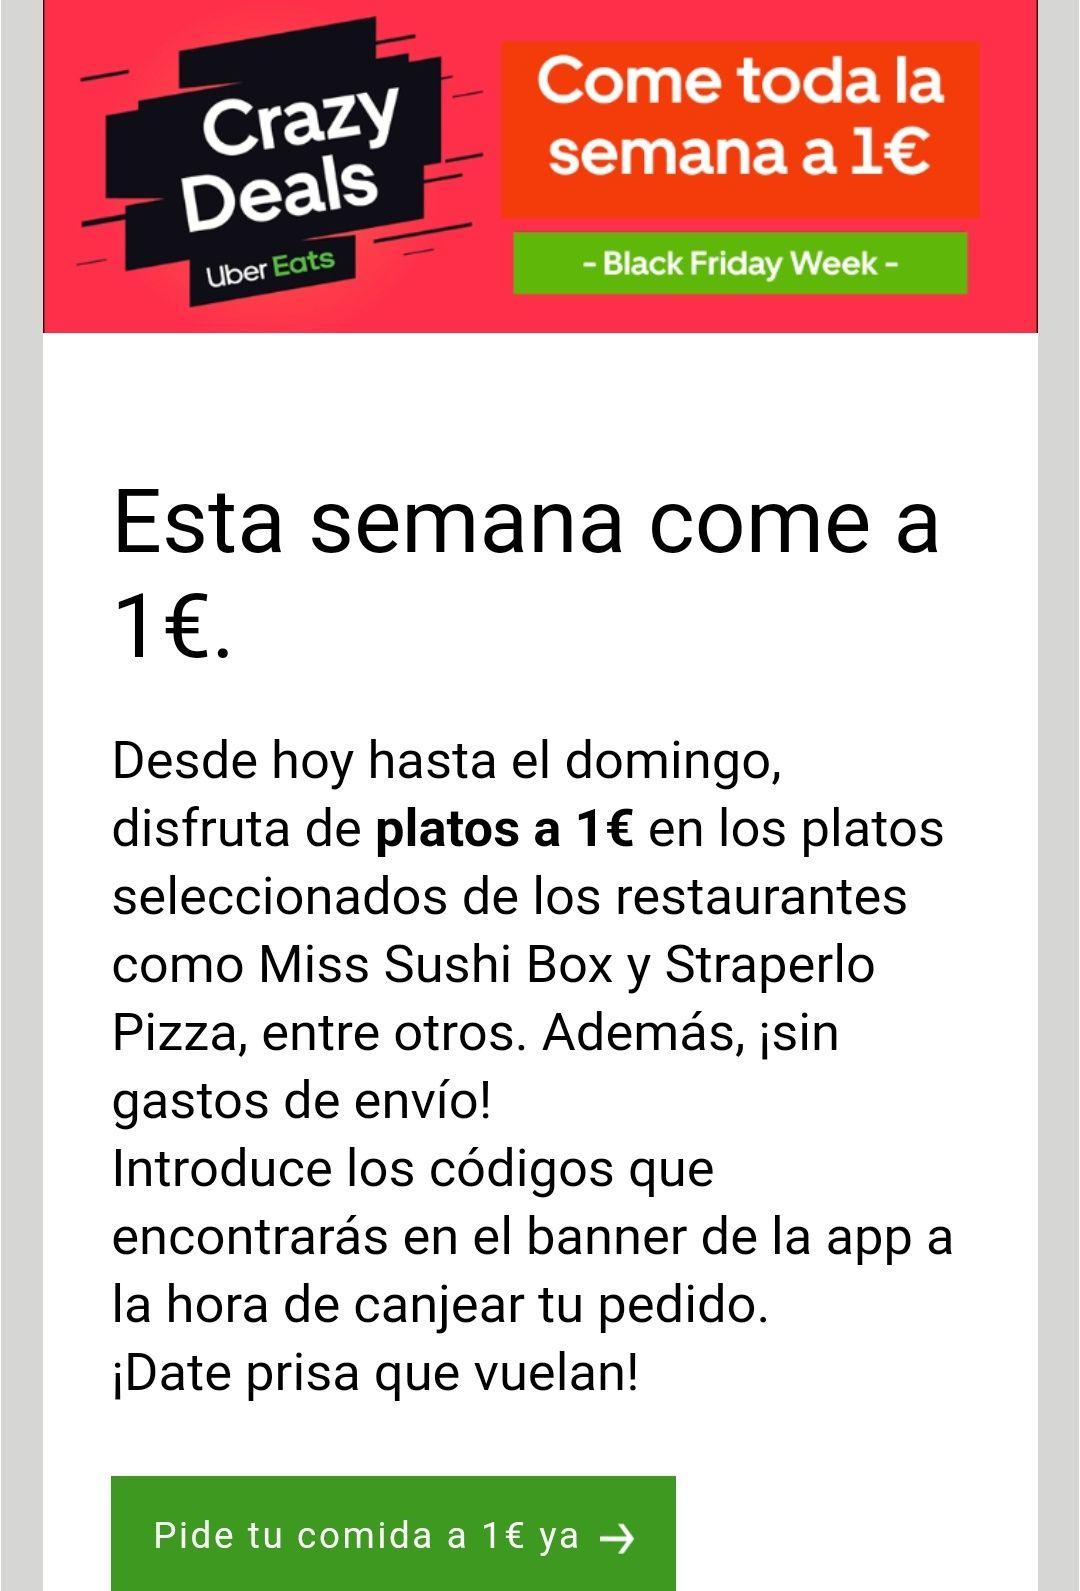 Come esta semana por 1€ en Uber Eats